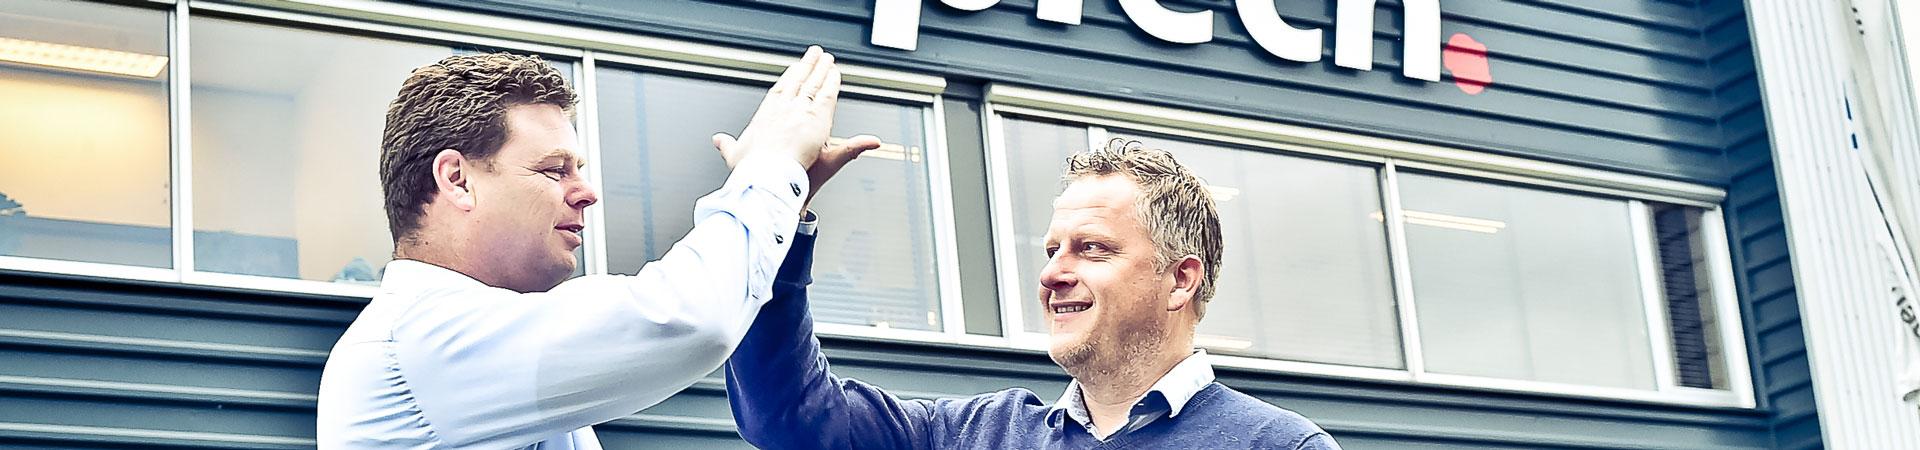 Peter van Keimpema nieuwe mede-eigenaar TempTech